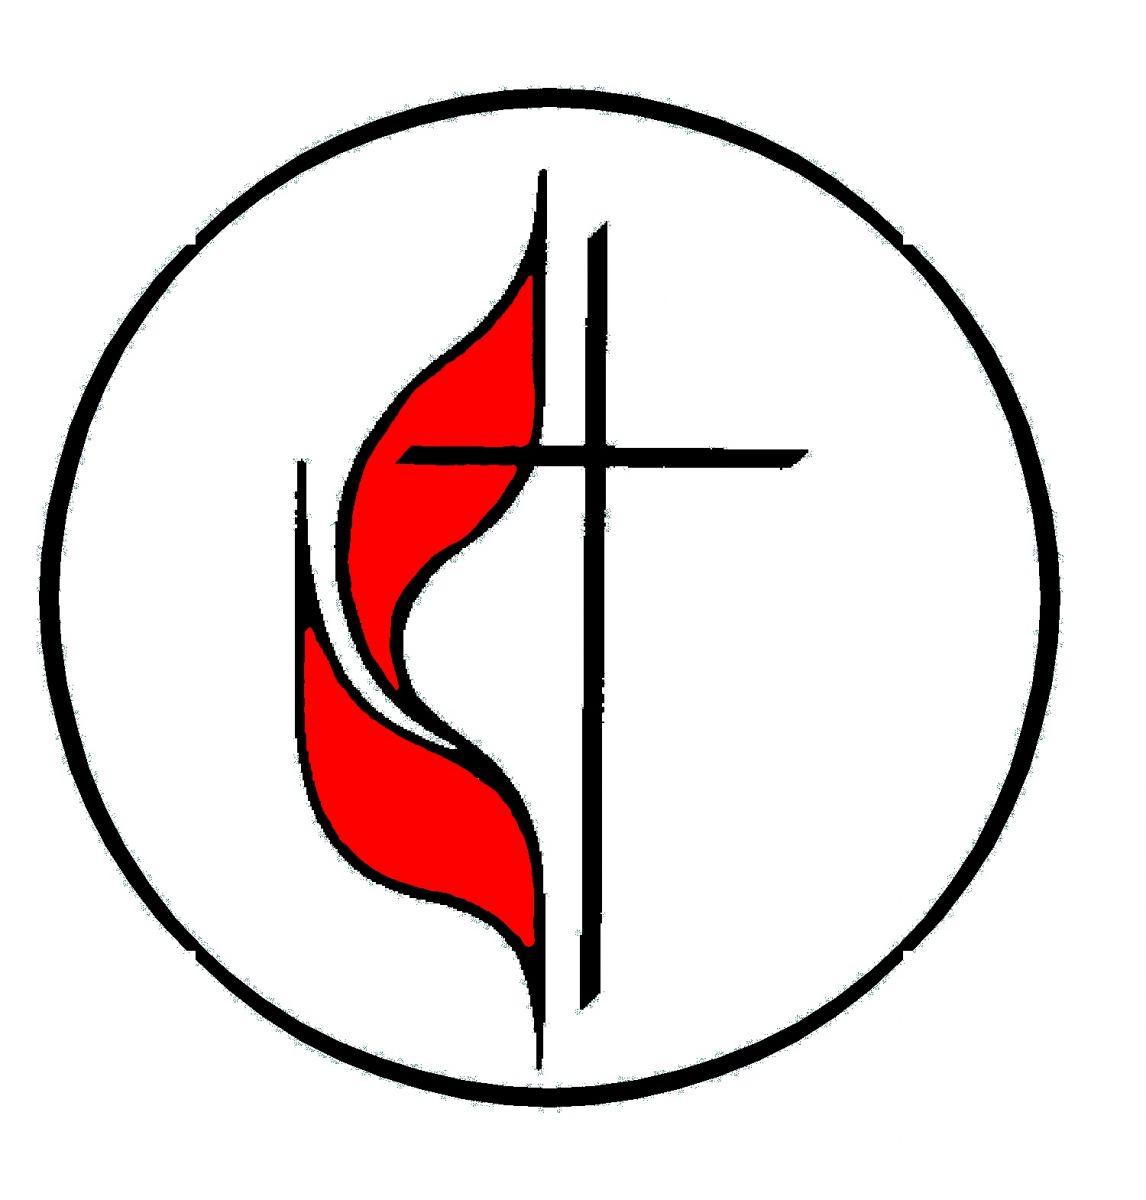 umc-logo-1.jpg